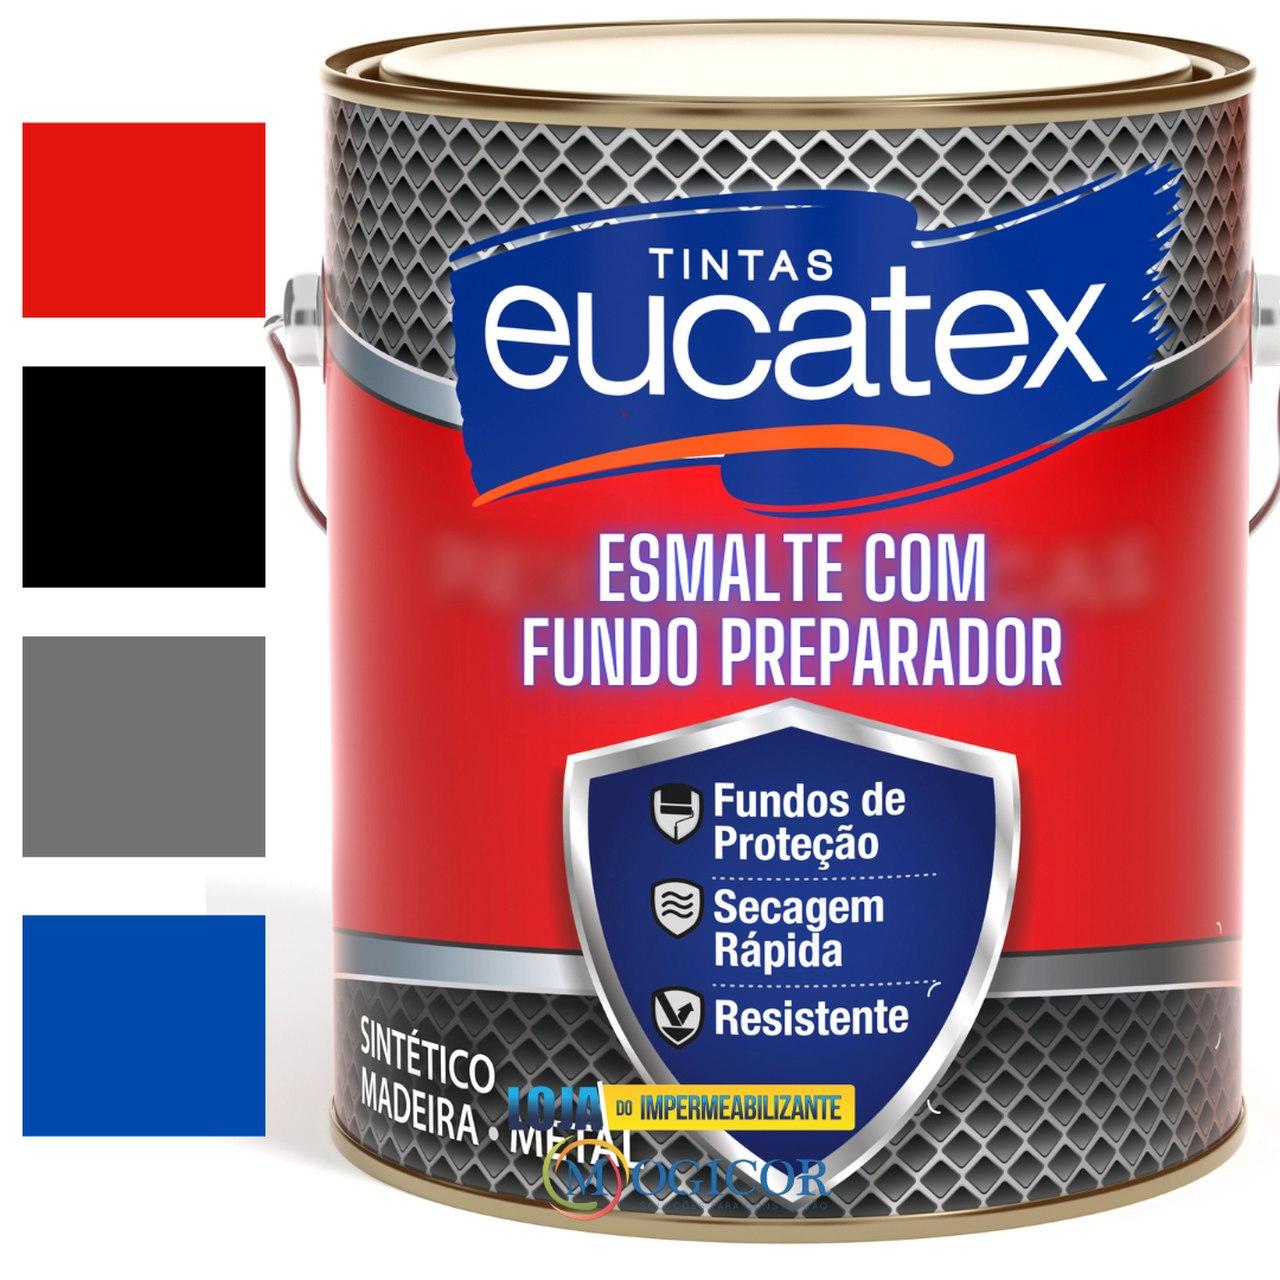 Tinta Esmalte 0,9l Eucafer com Fundo Preparador Galvanizado p/ Madeiras & Metais - Eucatex